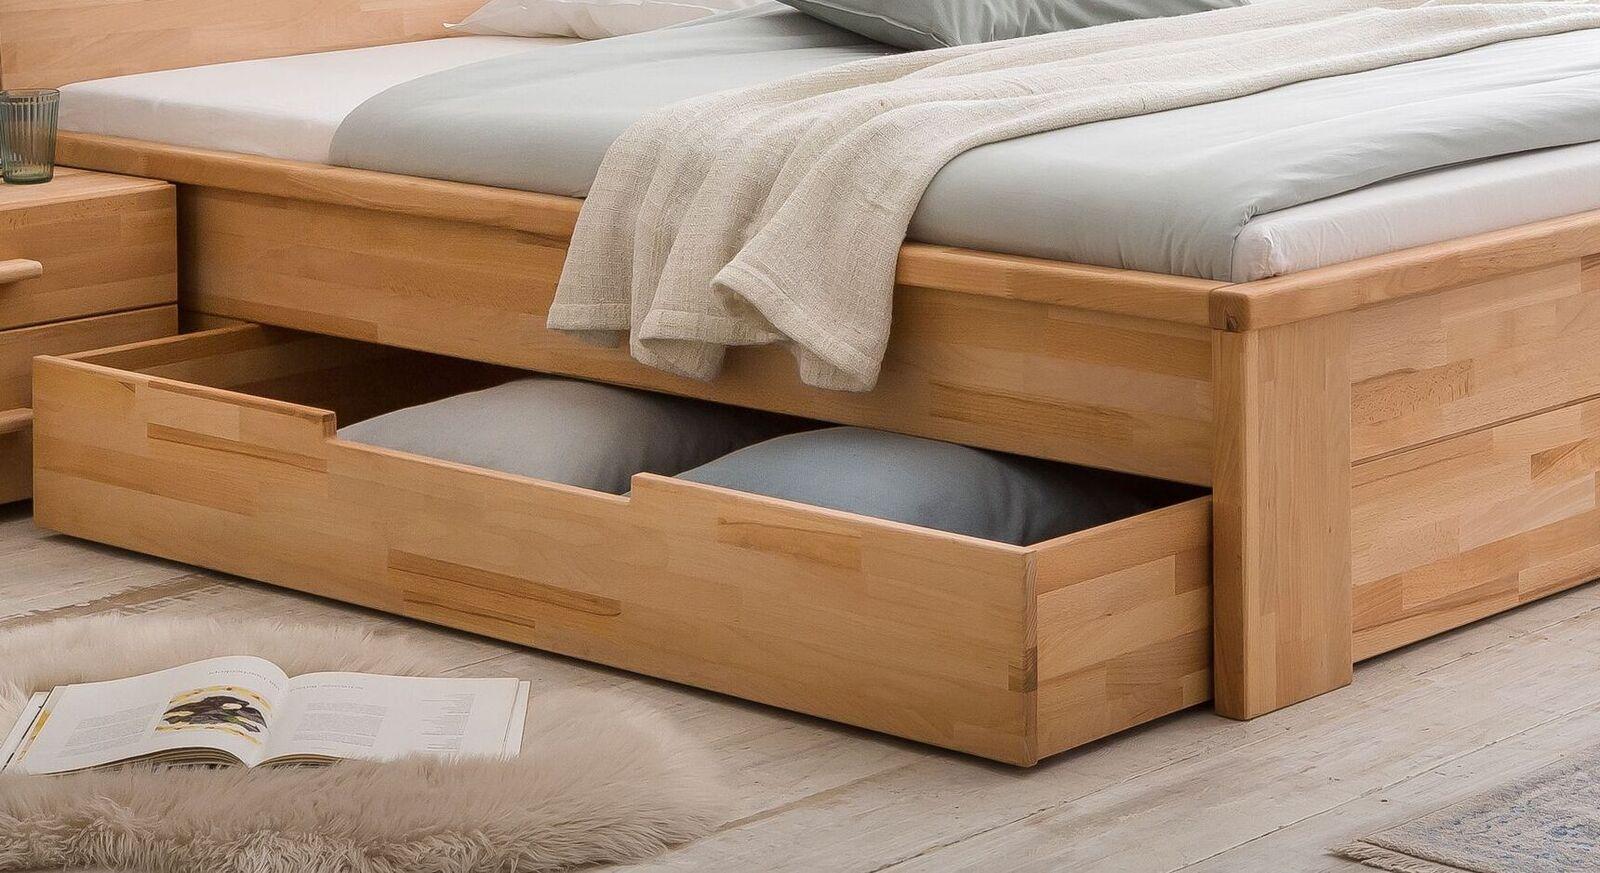 Schubkasten-Bett Tamira mit leichtgängigem Bettkasten